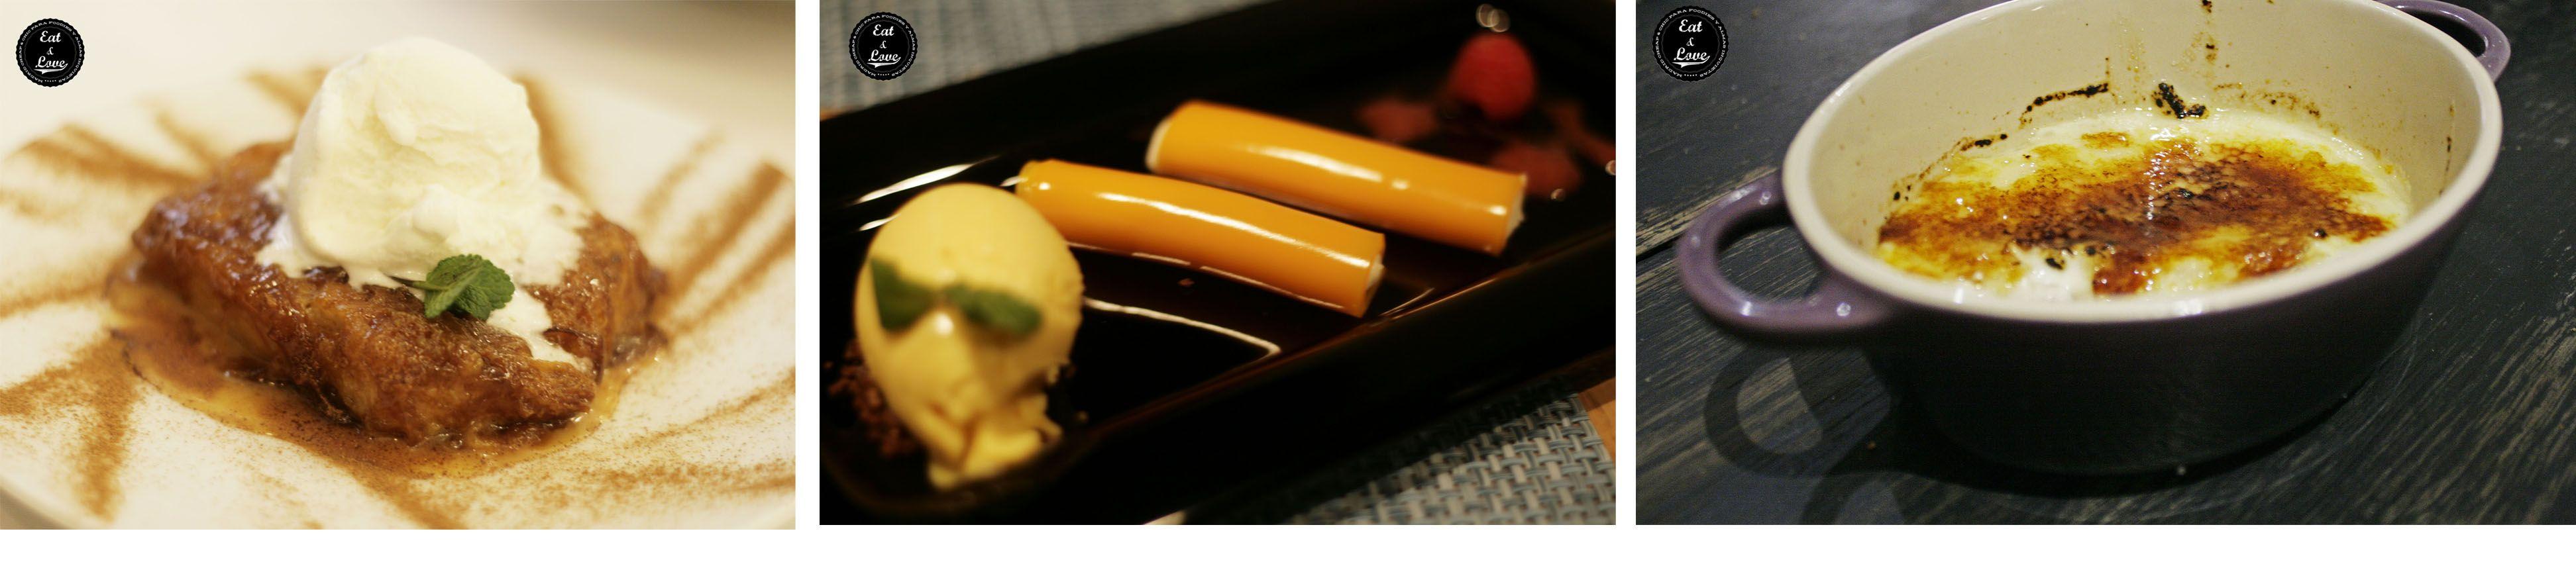 La T Gastrobar, canelones de mango rellenos de crema de queso, Triciclo por arroz con leche con costra de caramelo, El Apartamento por torrija de brioche con helado de nata - Restaurantes Madrid